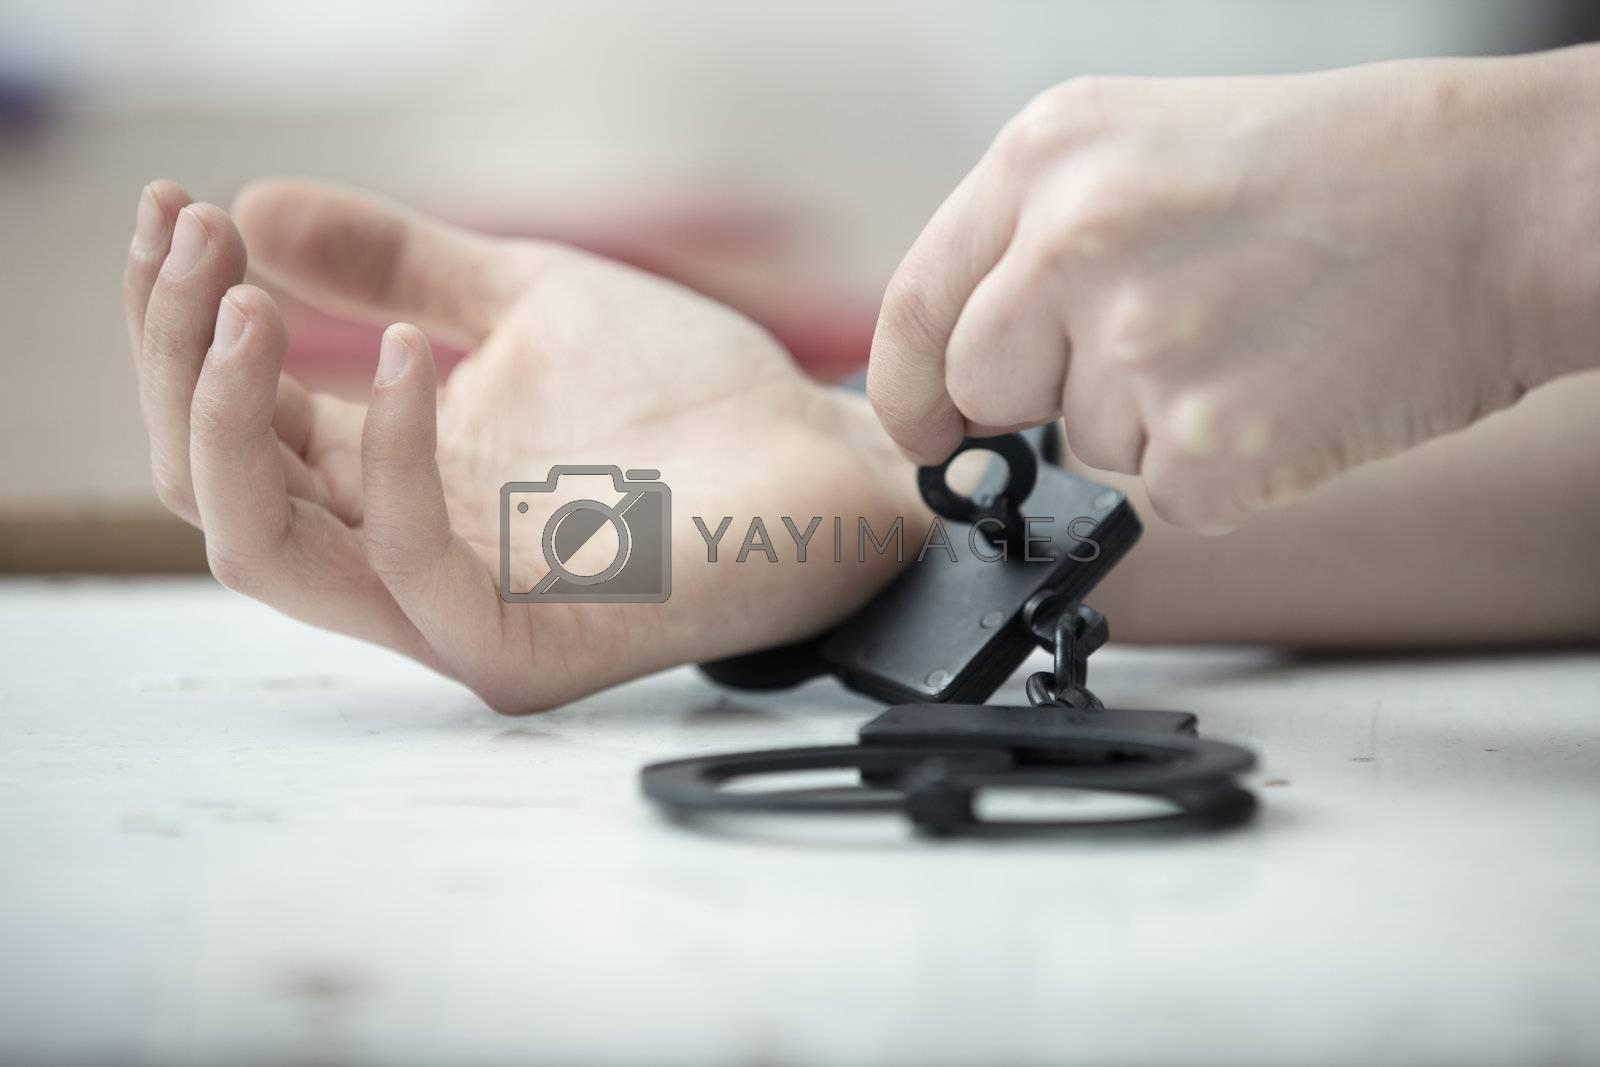 Human hands opening handcuffs